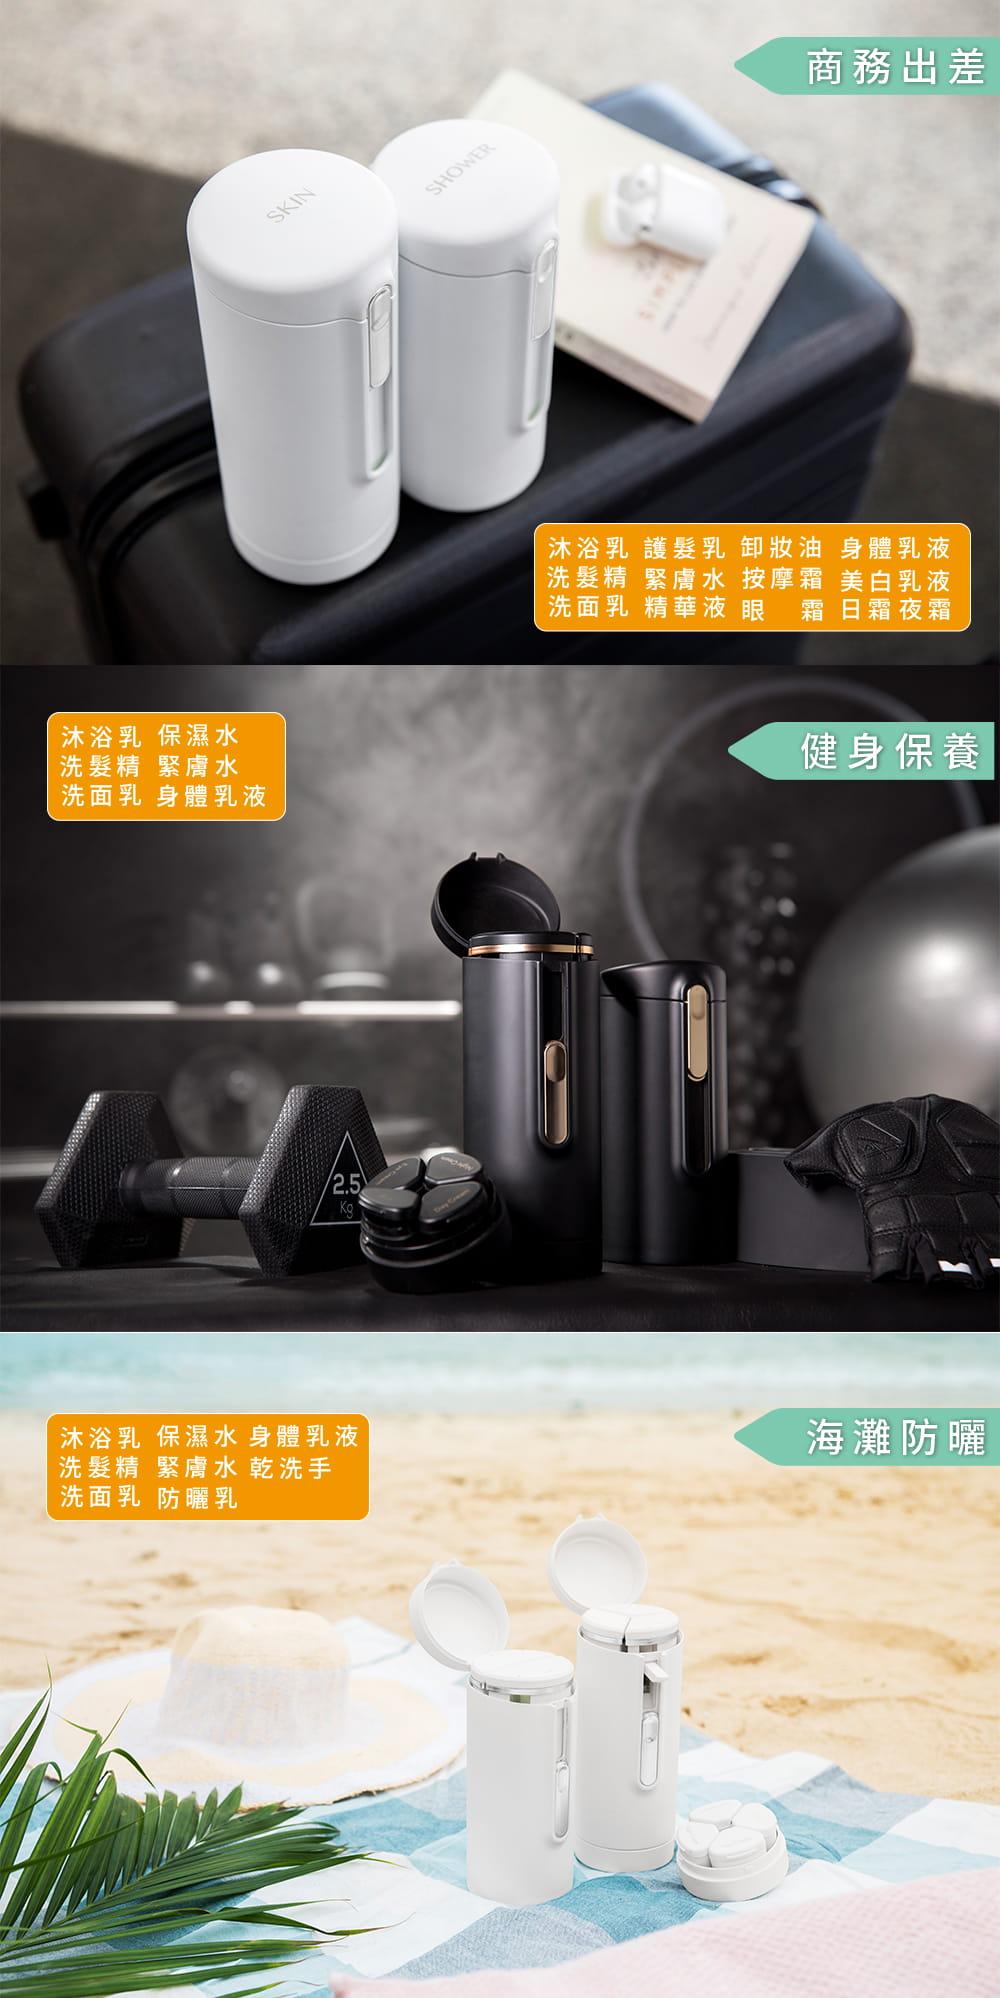 Tic Bottle 旅行分裝收納瓶 V2.0- 保養組 6